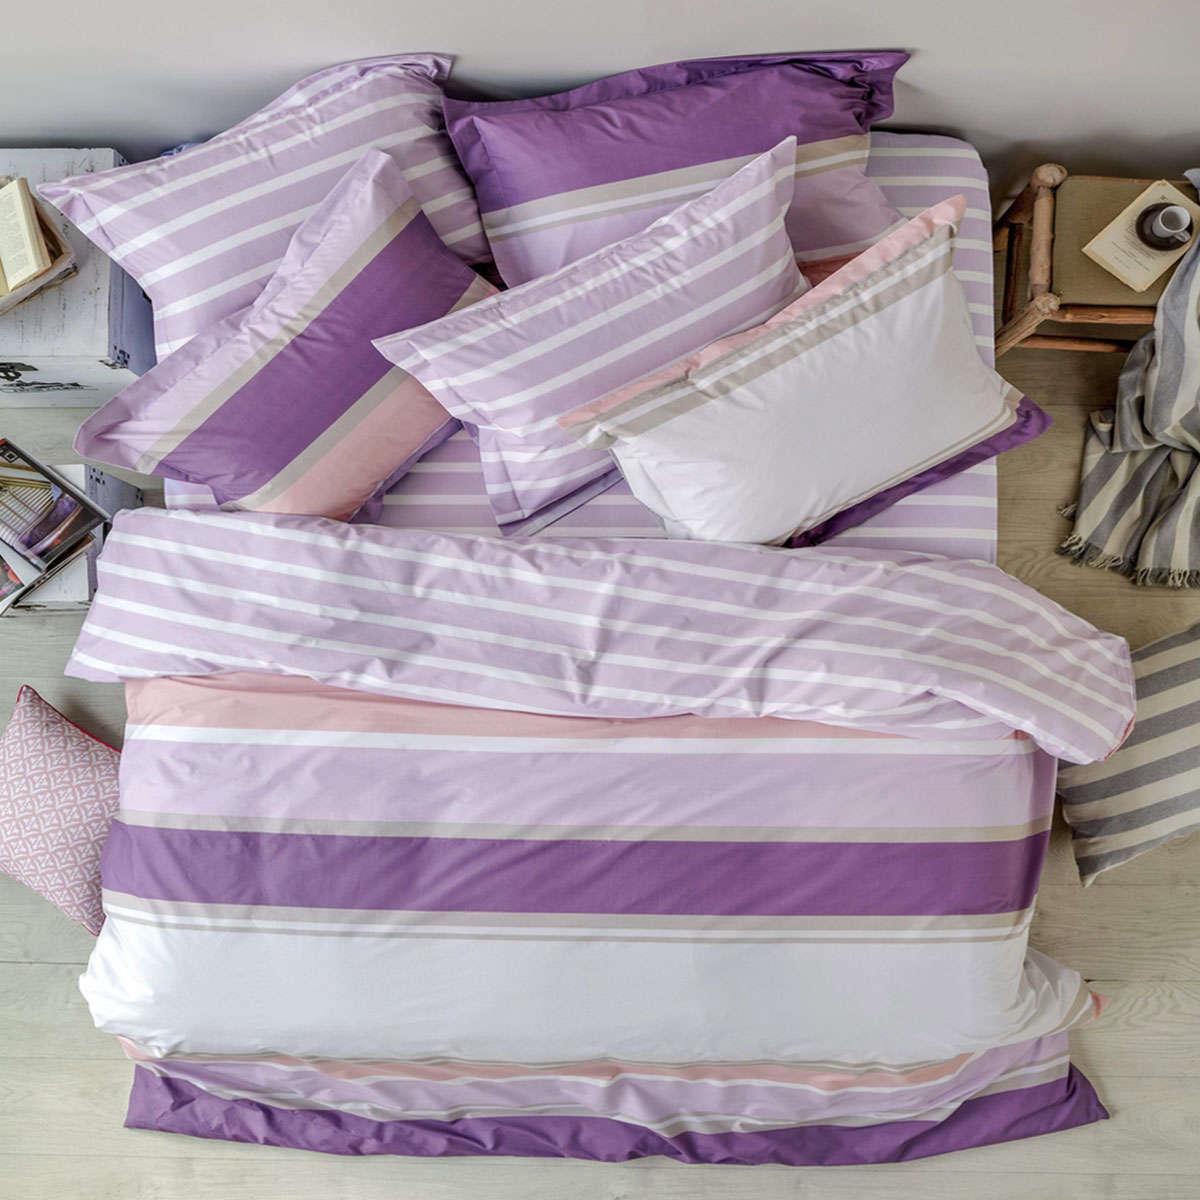 Μαξιλαροθήκες Σετ Bosco 42 Purple 2 Τεμ. Σχέδιο Πανωσέντονου Kentia 50Χ70 50x70cm